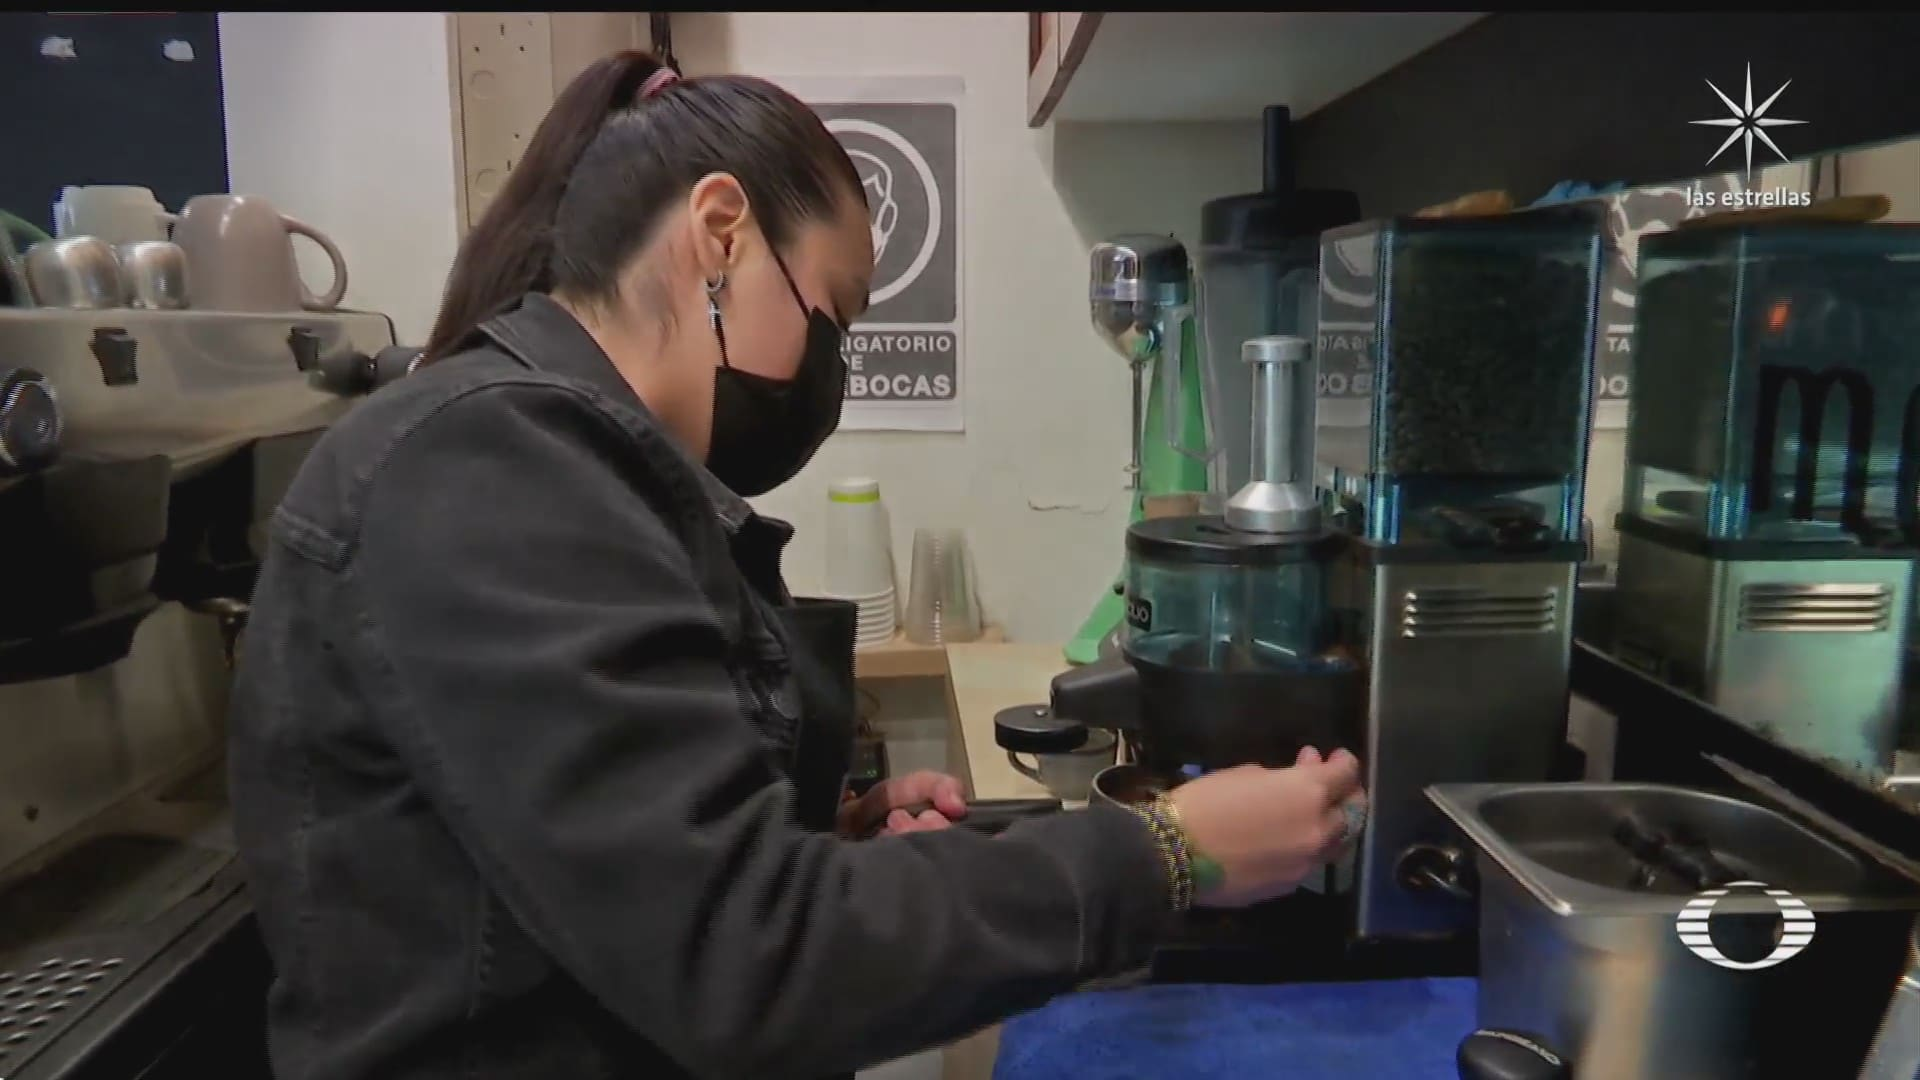 desempleo por pandemia golpea mas a las mujeres